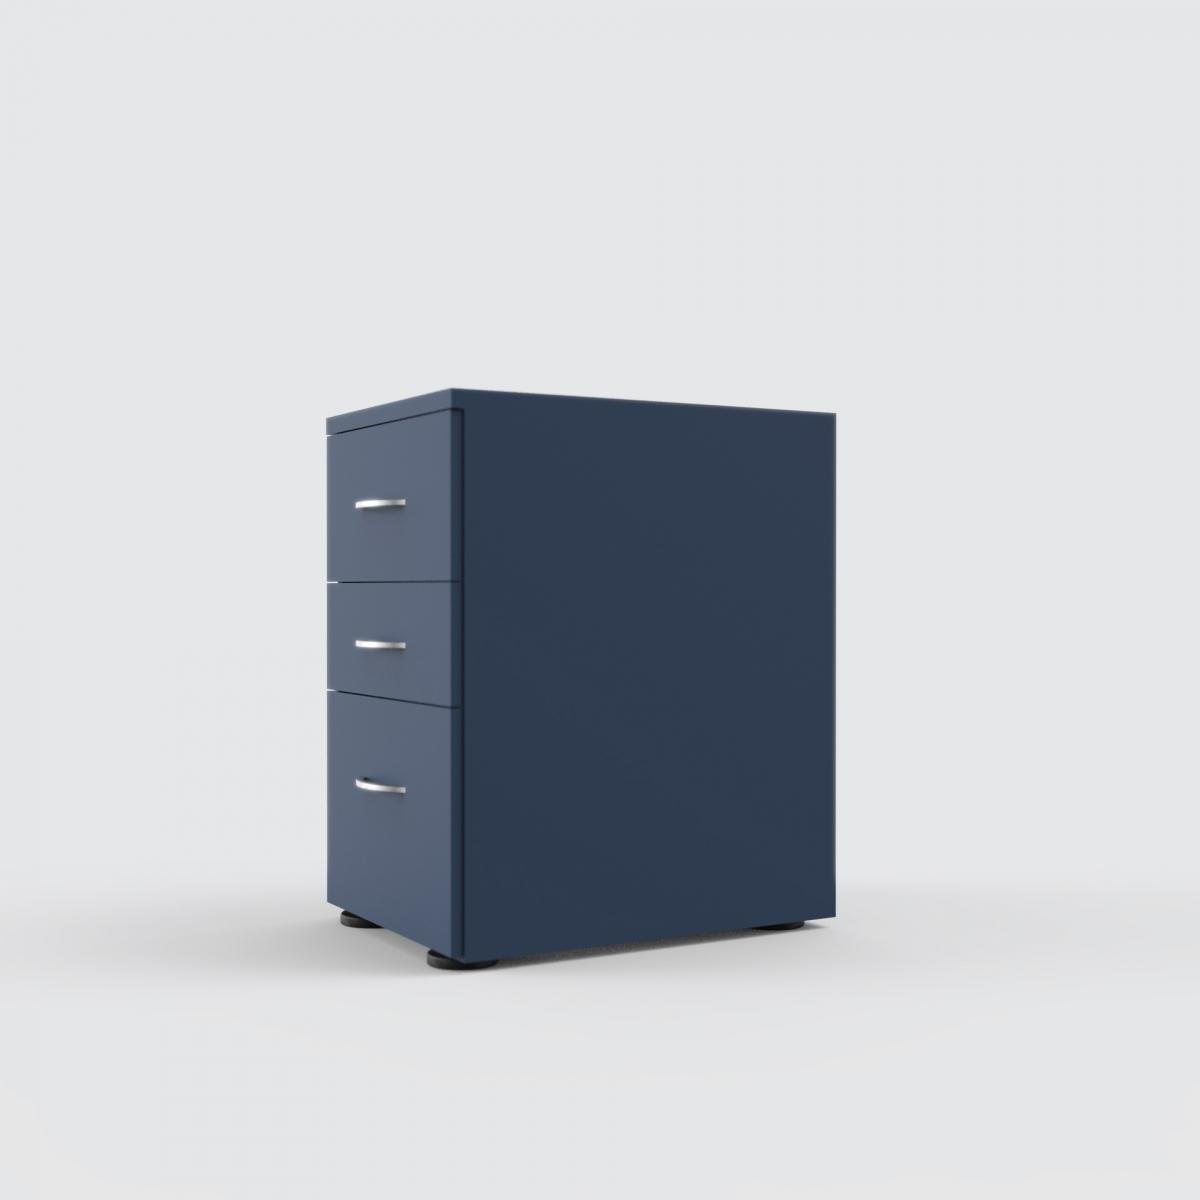 Mobilní kancelářský kontejner ADR-KP83